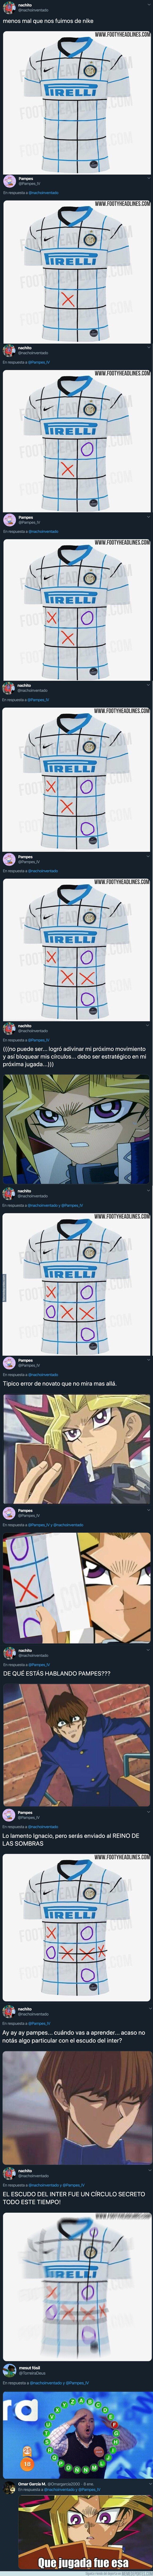 1095457 - Critica la equipación de Nike que le ha hecho al Inter y a partir de ahí se forma el hilo de Twitter más épico jamás creado